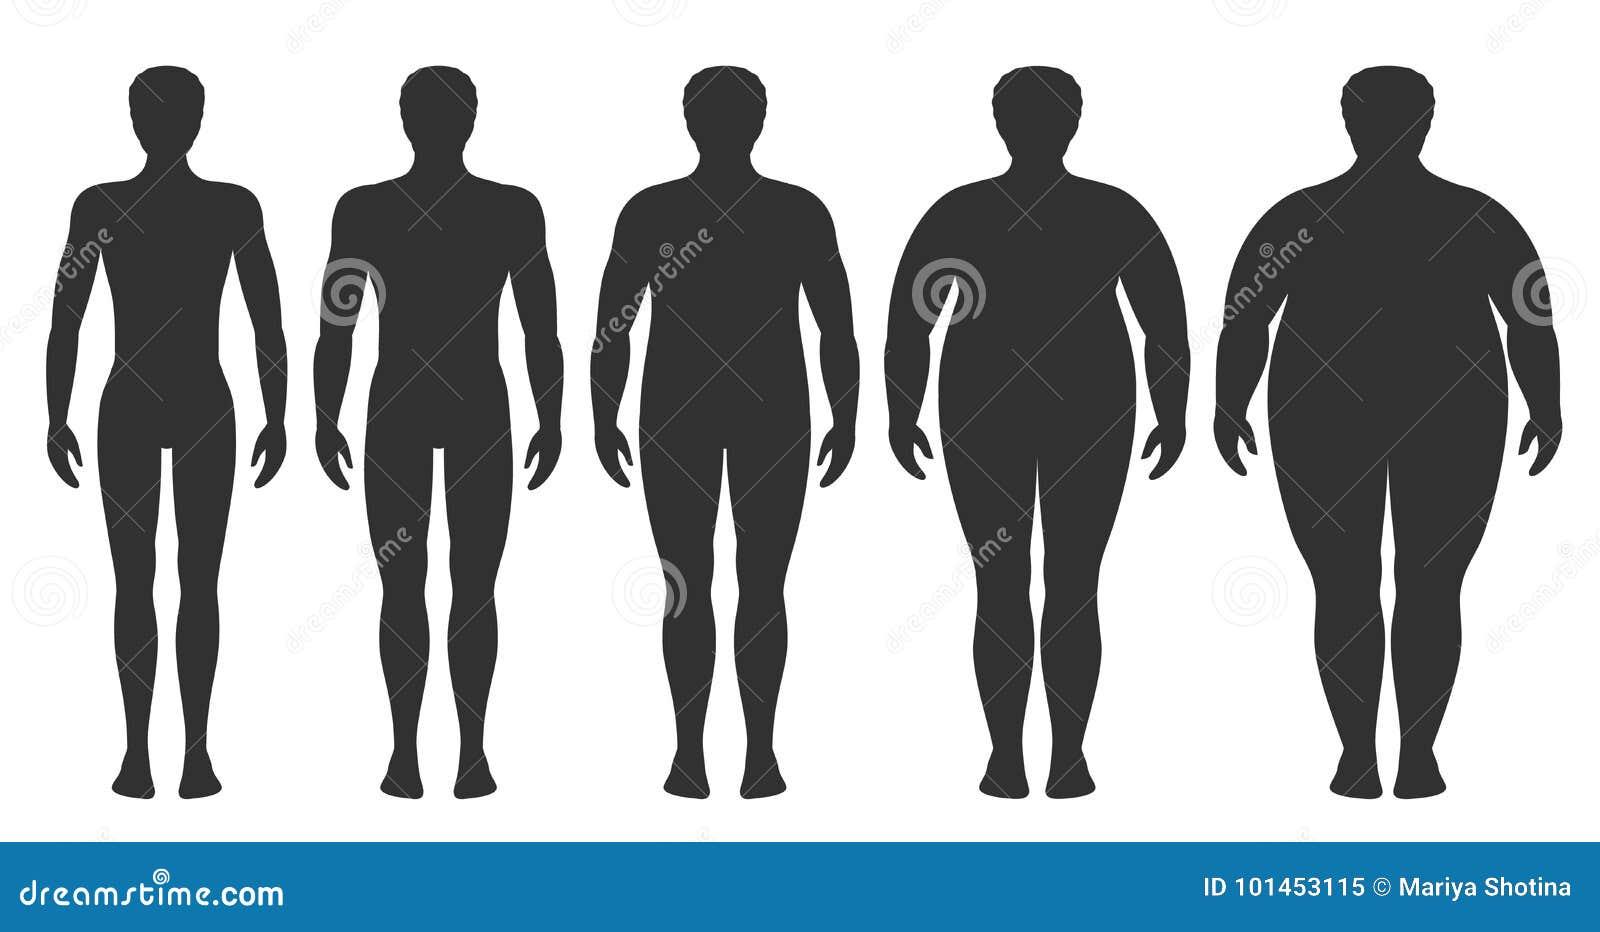 Ejemplo del vector del índice de masa corporal del peso insuficiente a extremadamente obeso Siluetas del hombre con diversos grad